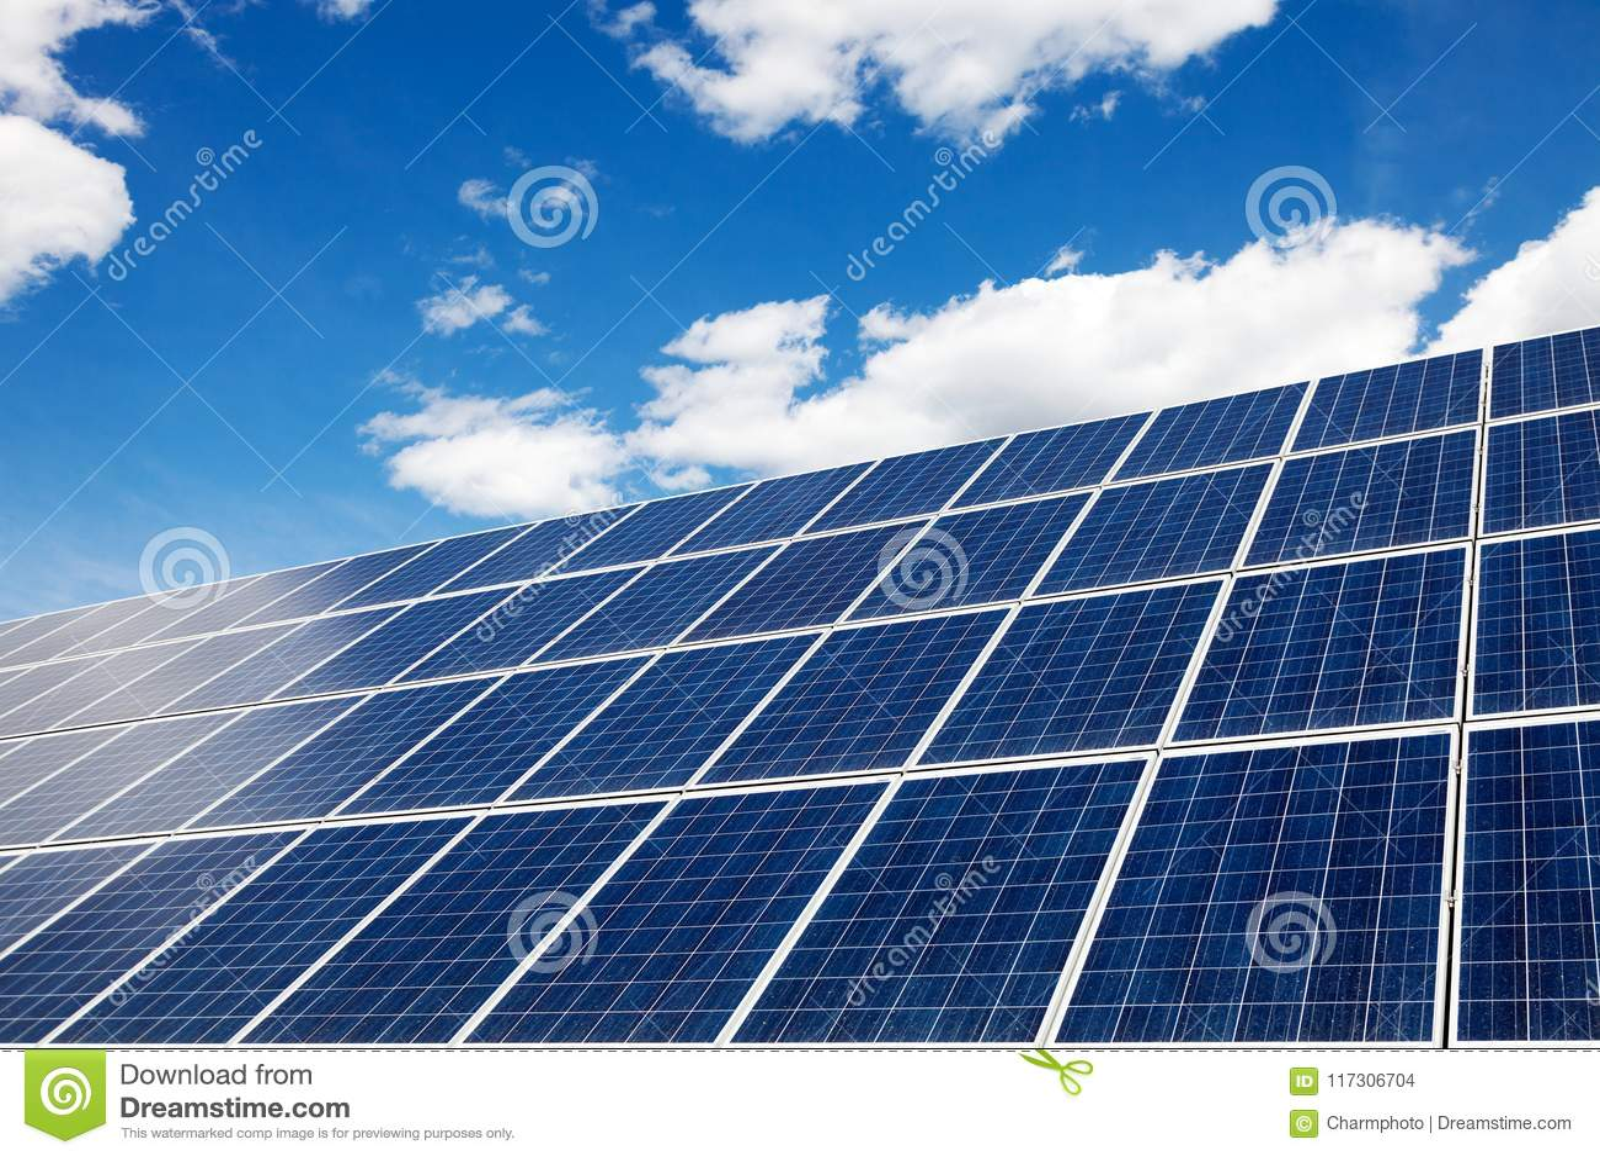 Zonnepanelen - een alternatieve energiebron Milieuvriendelijke transportmiddelen en vernieuwbare energie